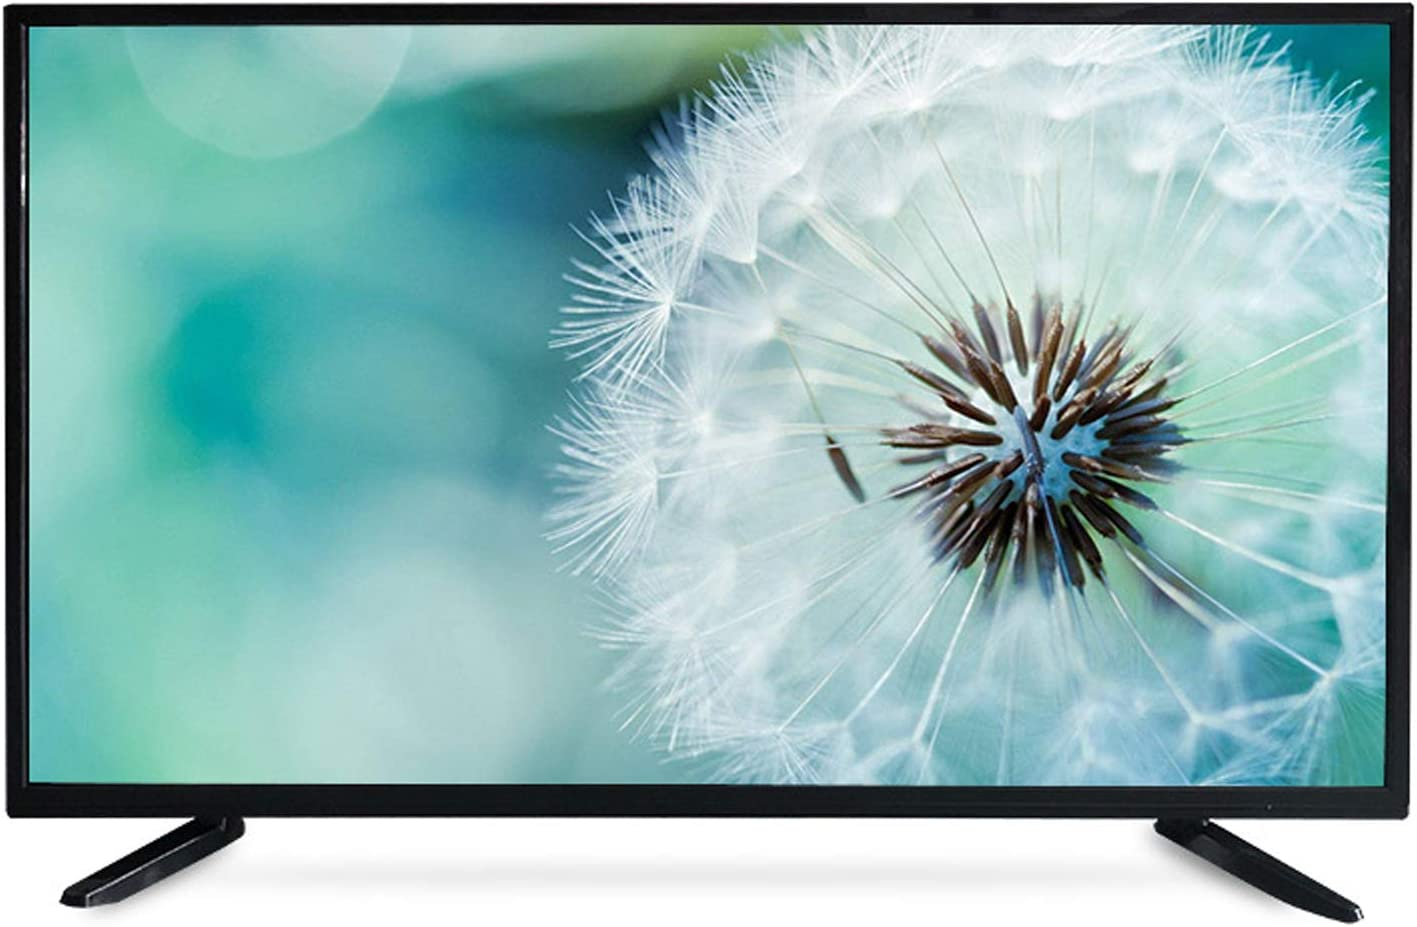 YILANJUN TV Televisor Televisión Smart de 19/32/42/46/55/60 Pulgadas WiFi LCD de Alta Definición, Diseño Integrado, USB, Interacción Multipantalla